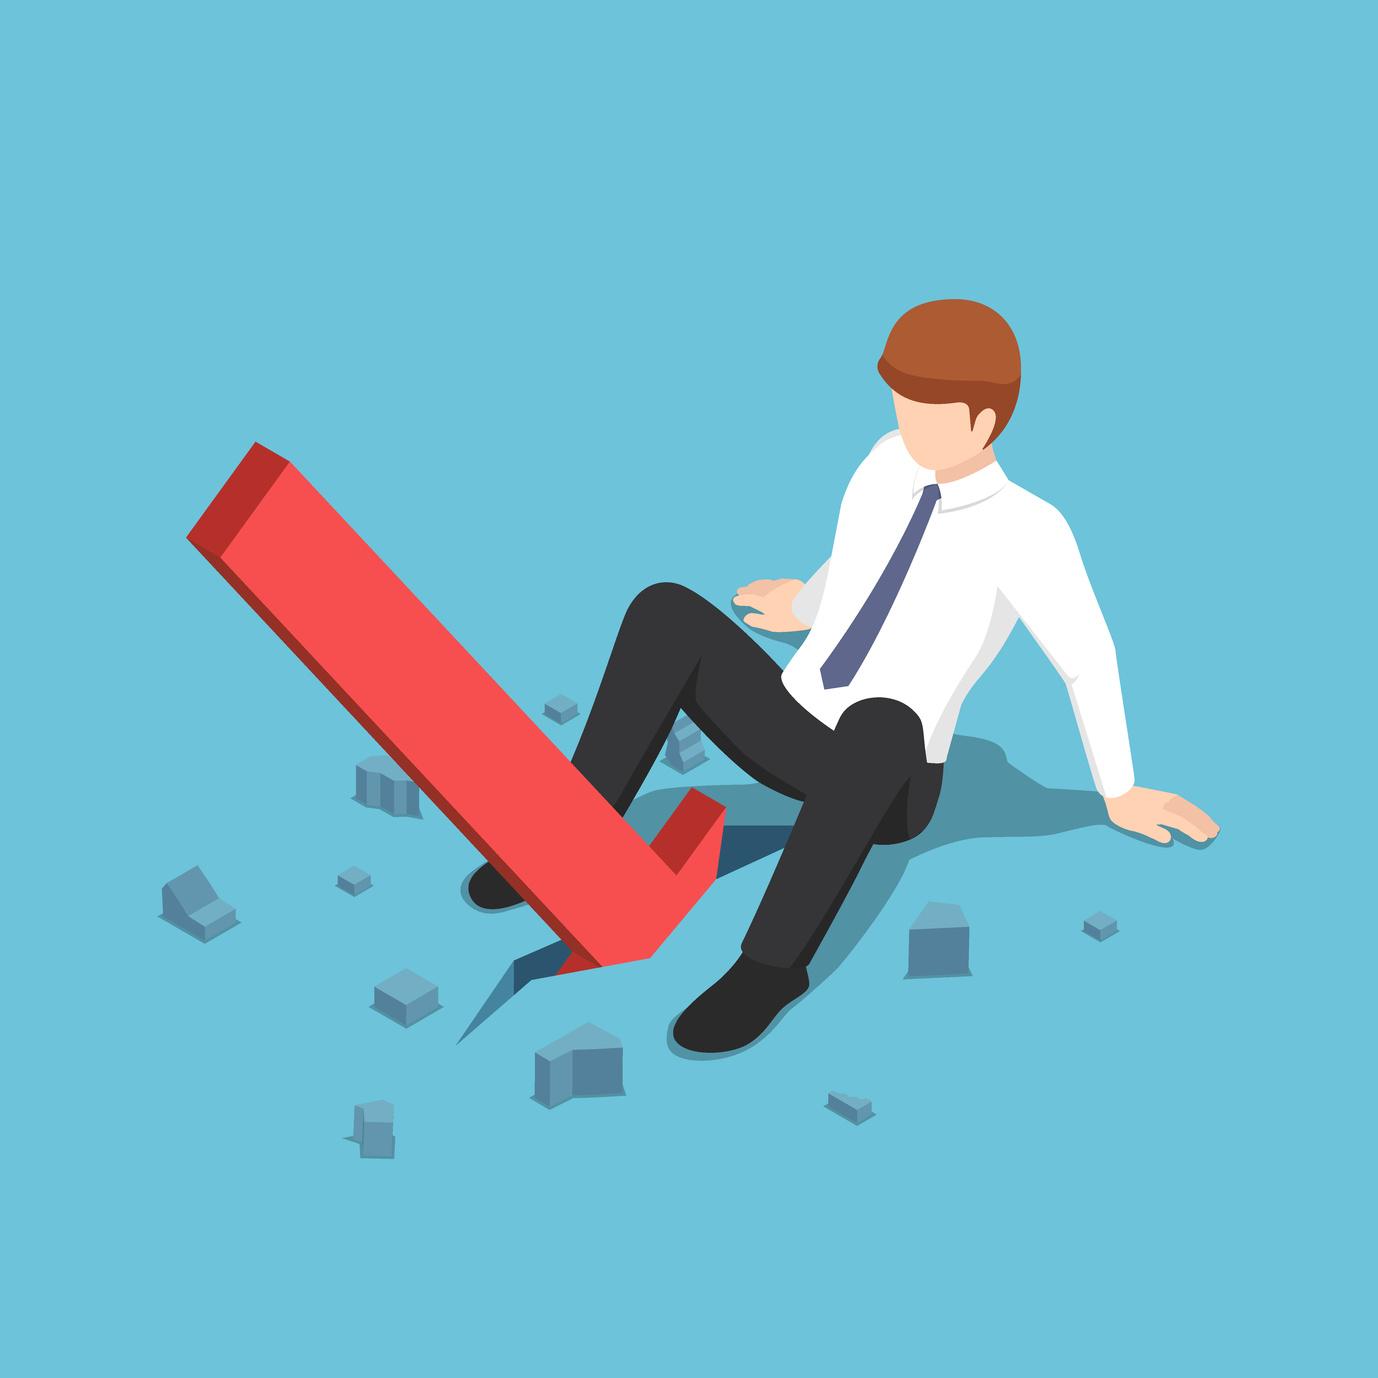 株で生き残っている人たちが行っている損切りのタイミングとは?